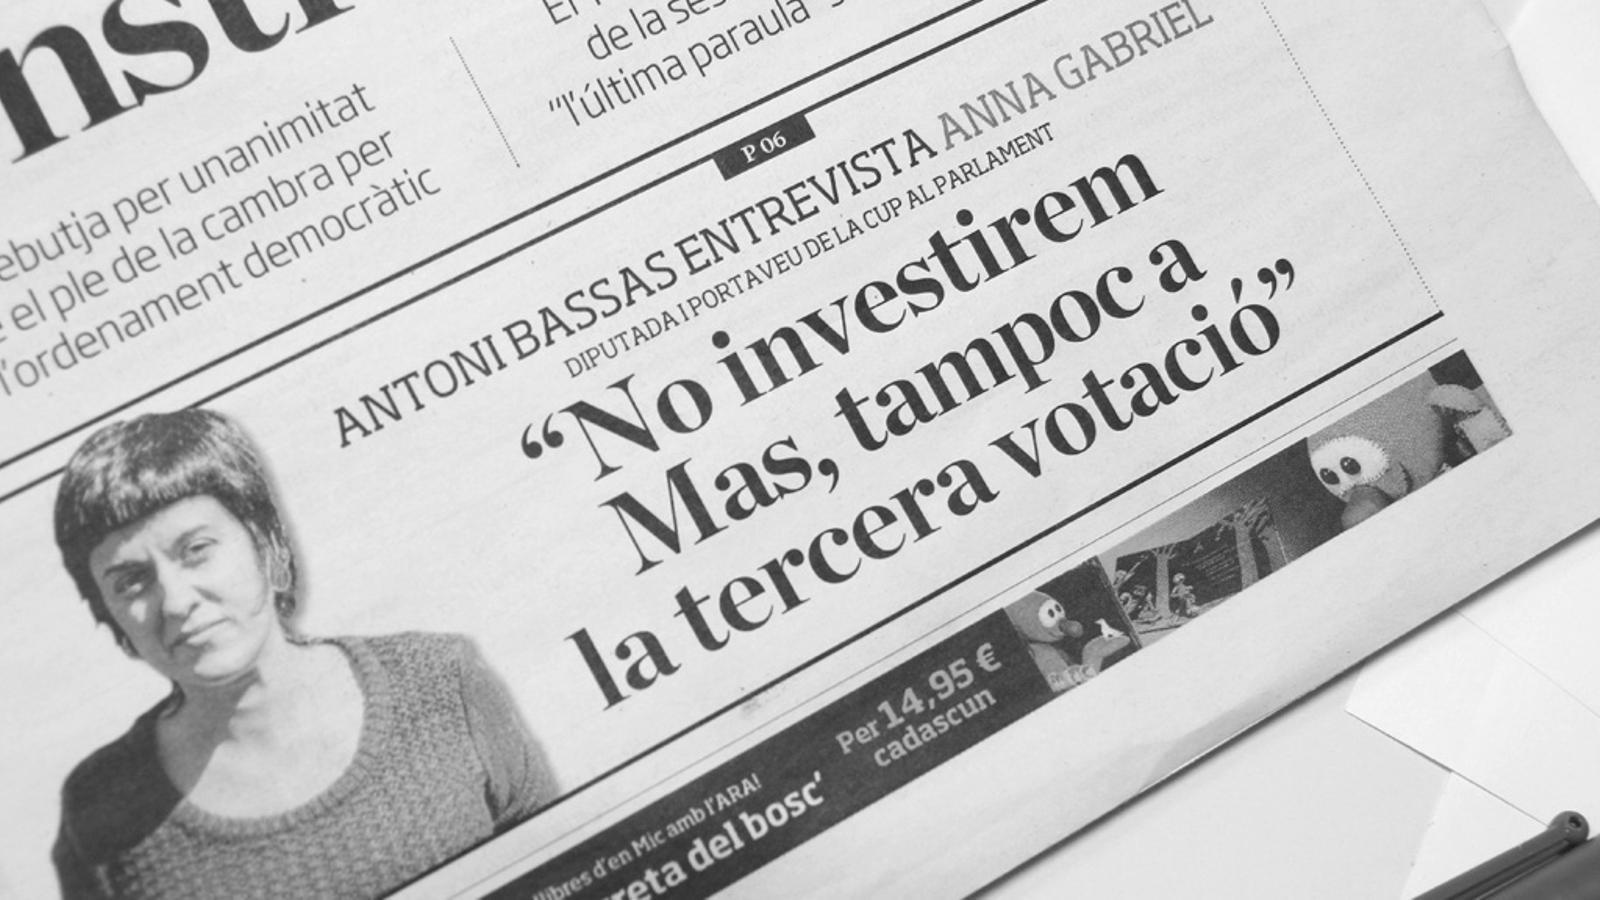 L'Editorial d'Antoni Bassas: El 'sí' i el risc de trencament (06/11/15)